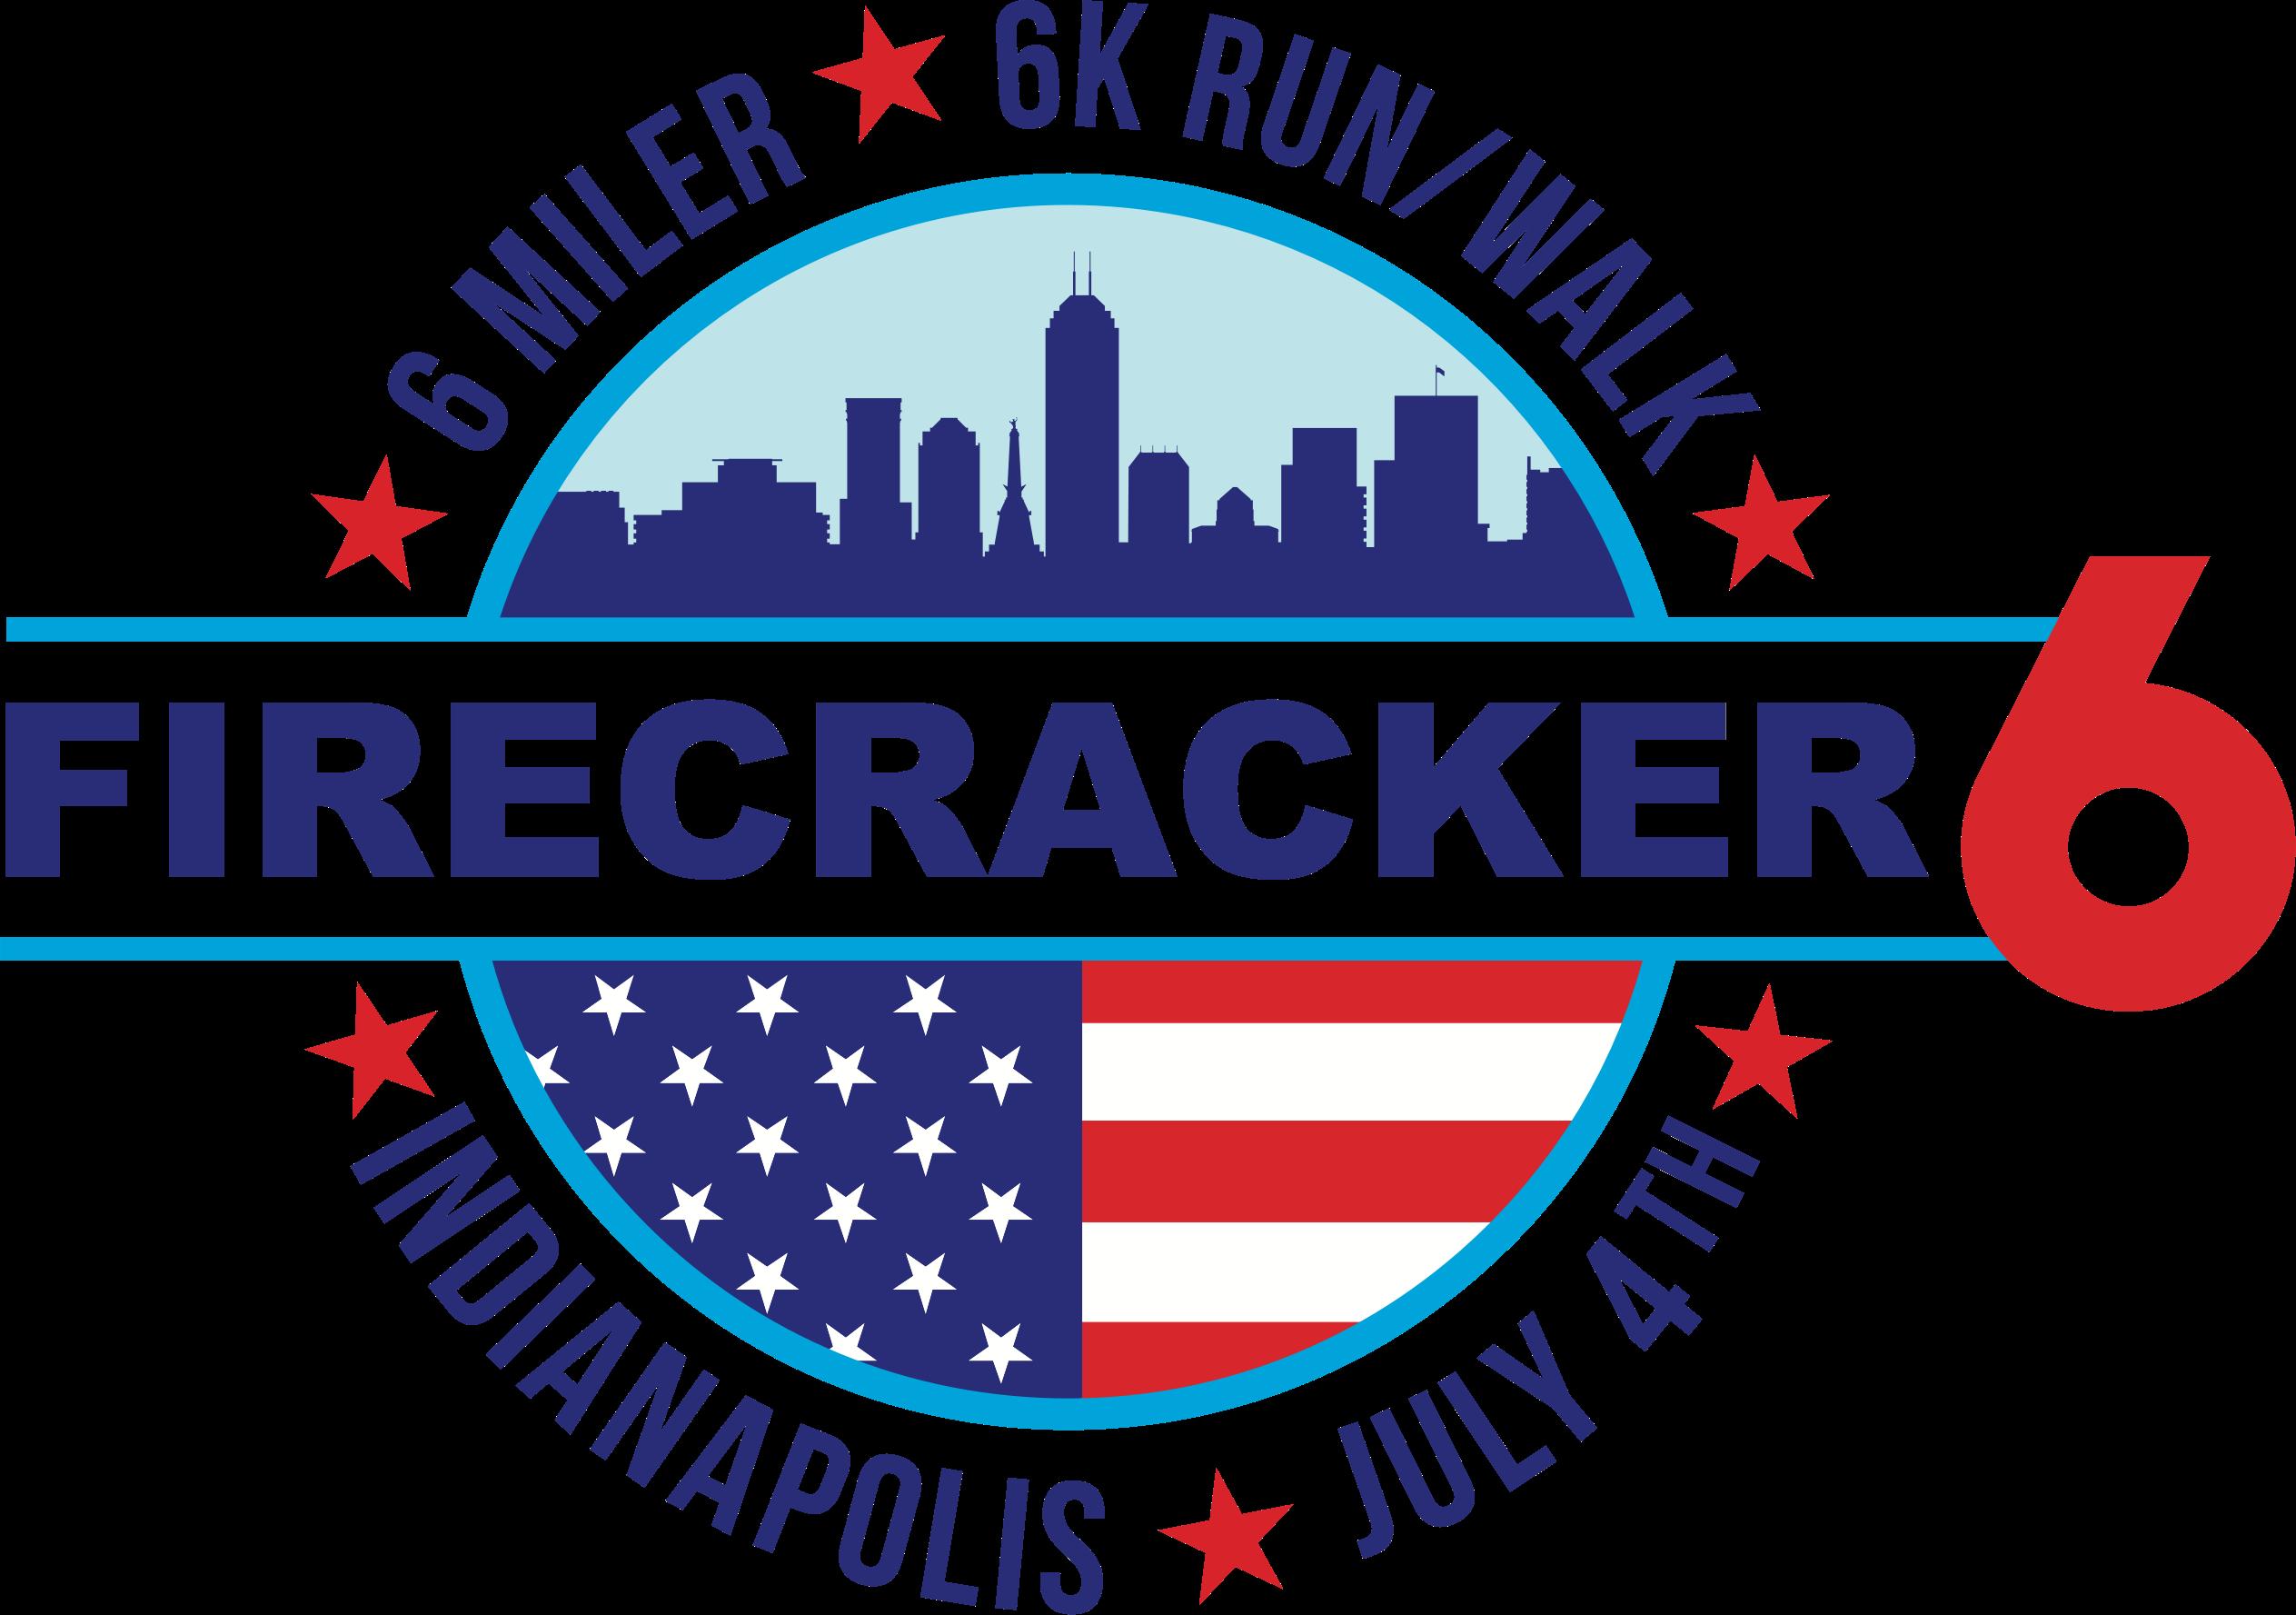 firecracker6_city